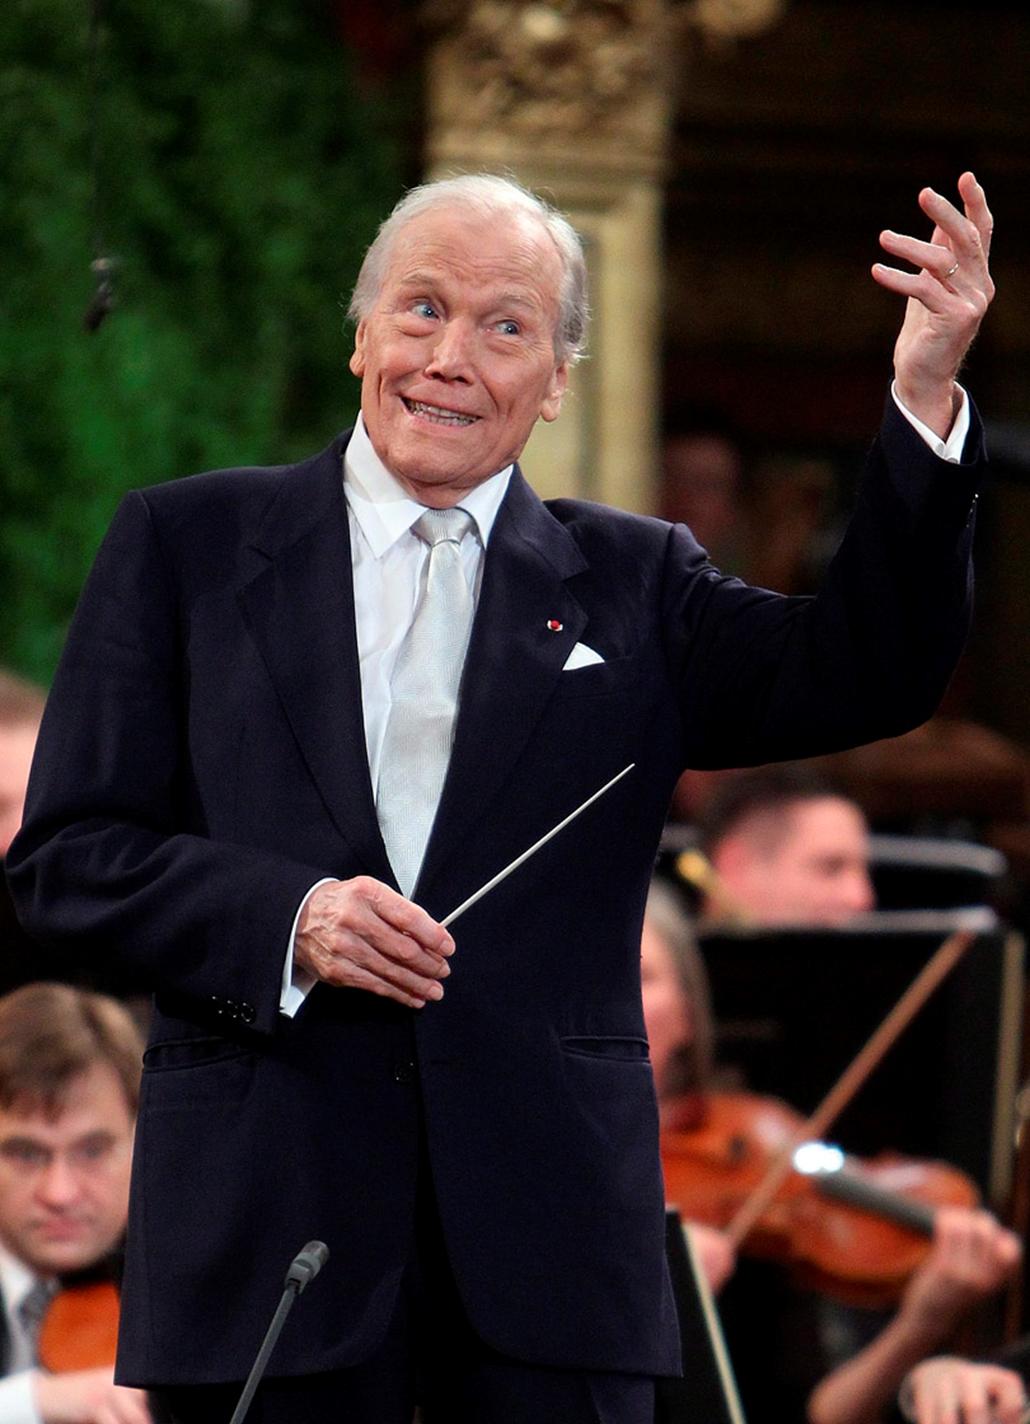 Georges Pretre francia karmester 2010. január 1-jén, a bécsi Musikverein koncerttermében tartott hagyományos bécsi újévi hangversenyen a Bécsi Filharmonikusokat vezényli, amit 72 ország televíziós csatornái közvetítenek.